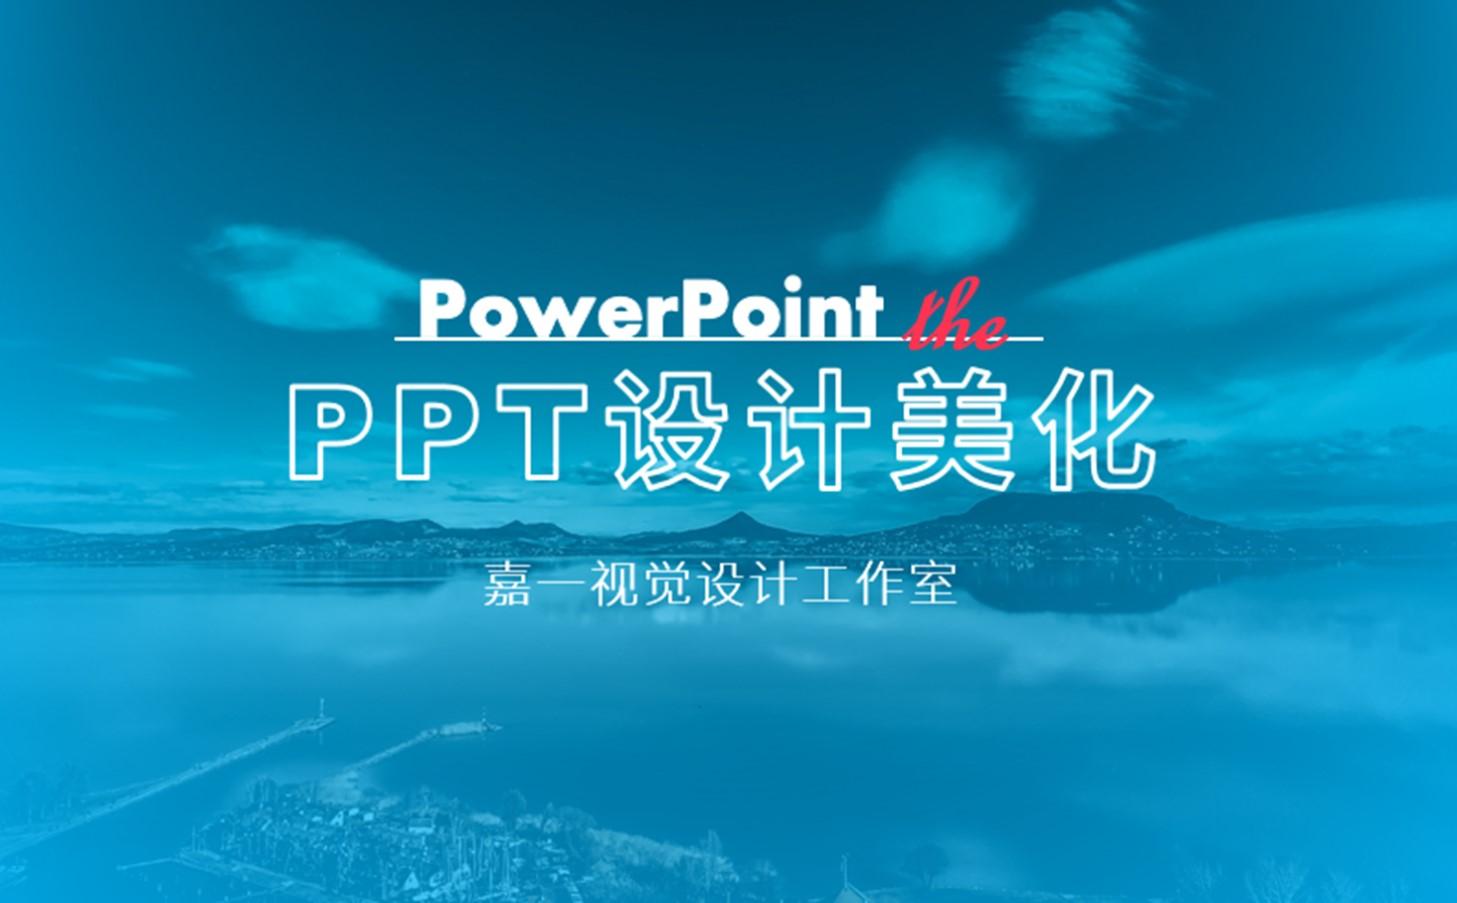 廣東肇慶市PPT設計公司-做PPT找嘉一-專業設計